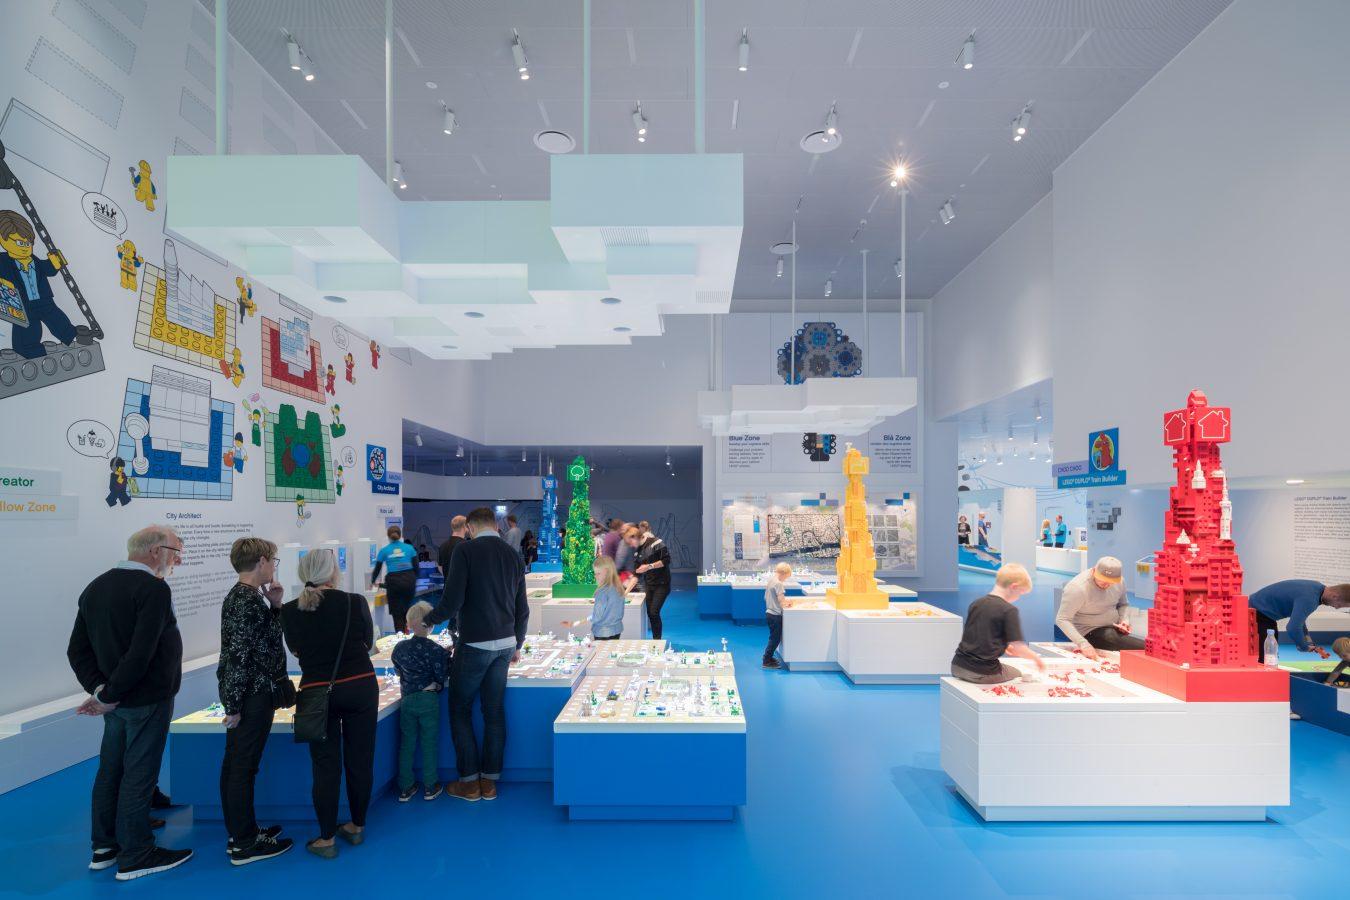 sala azul de lego house que aumenta las actividades cognitivas